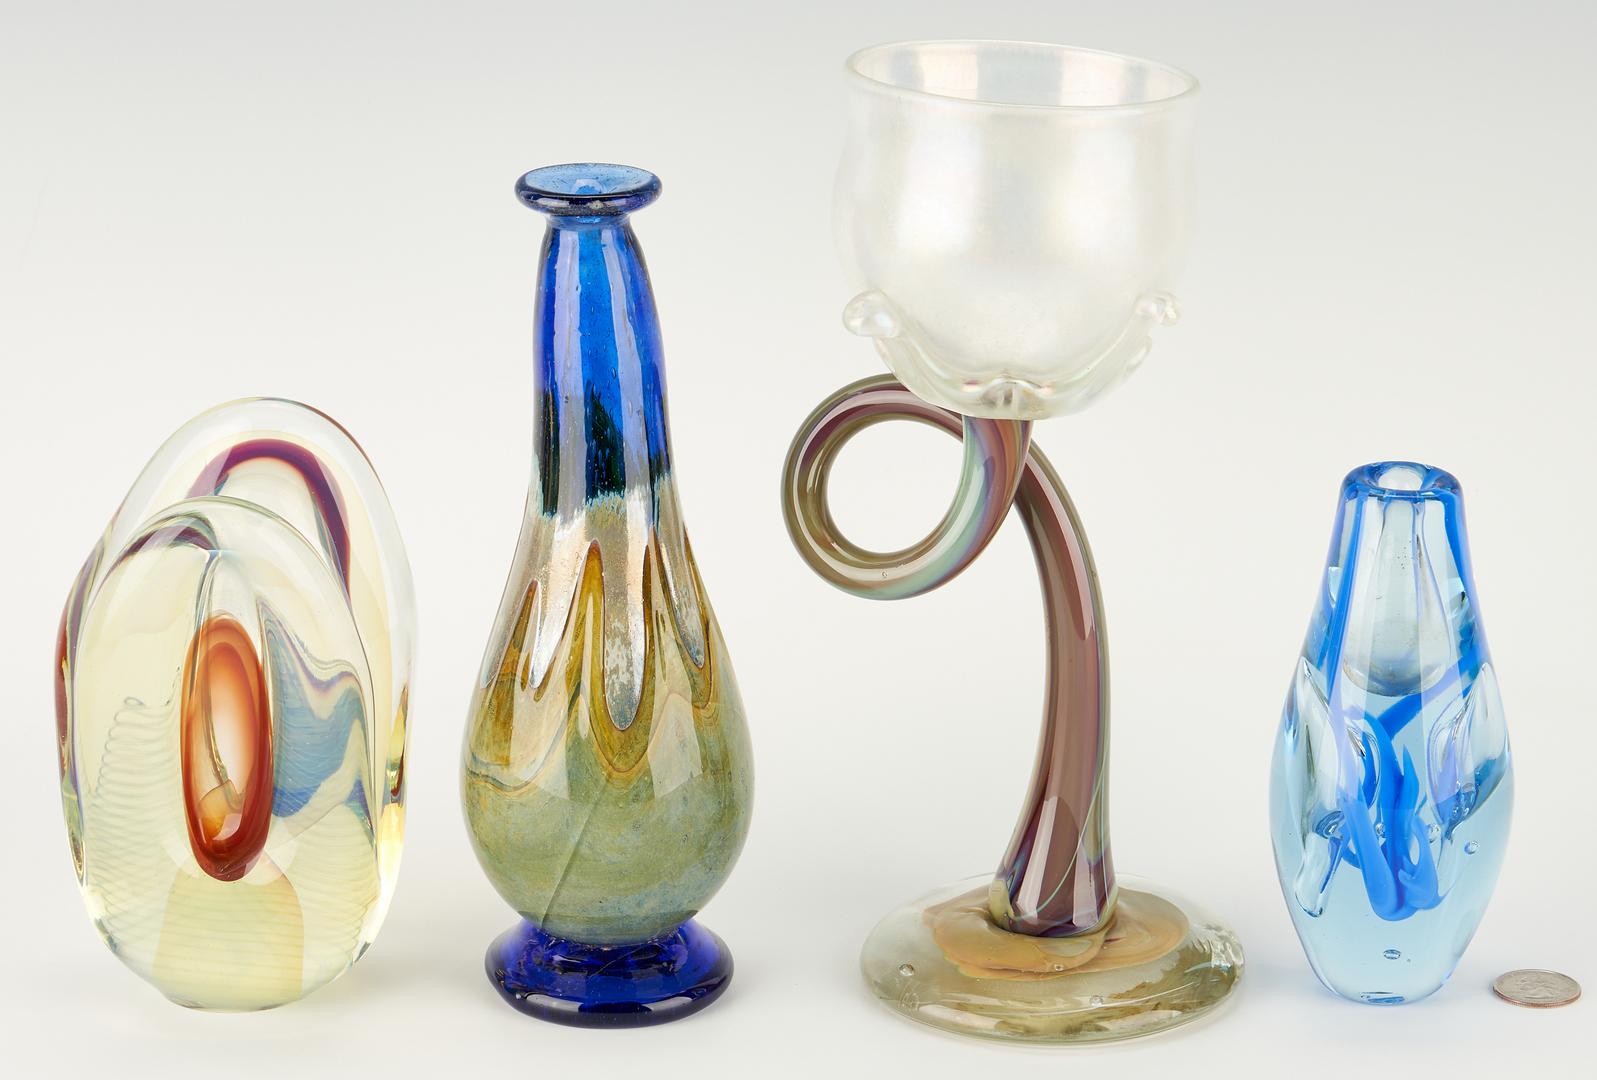 Lot 542: 4 Pcs. Art Glass, incl. Richard Jolley